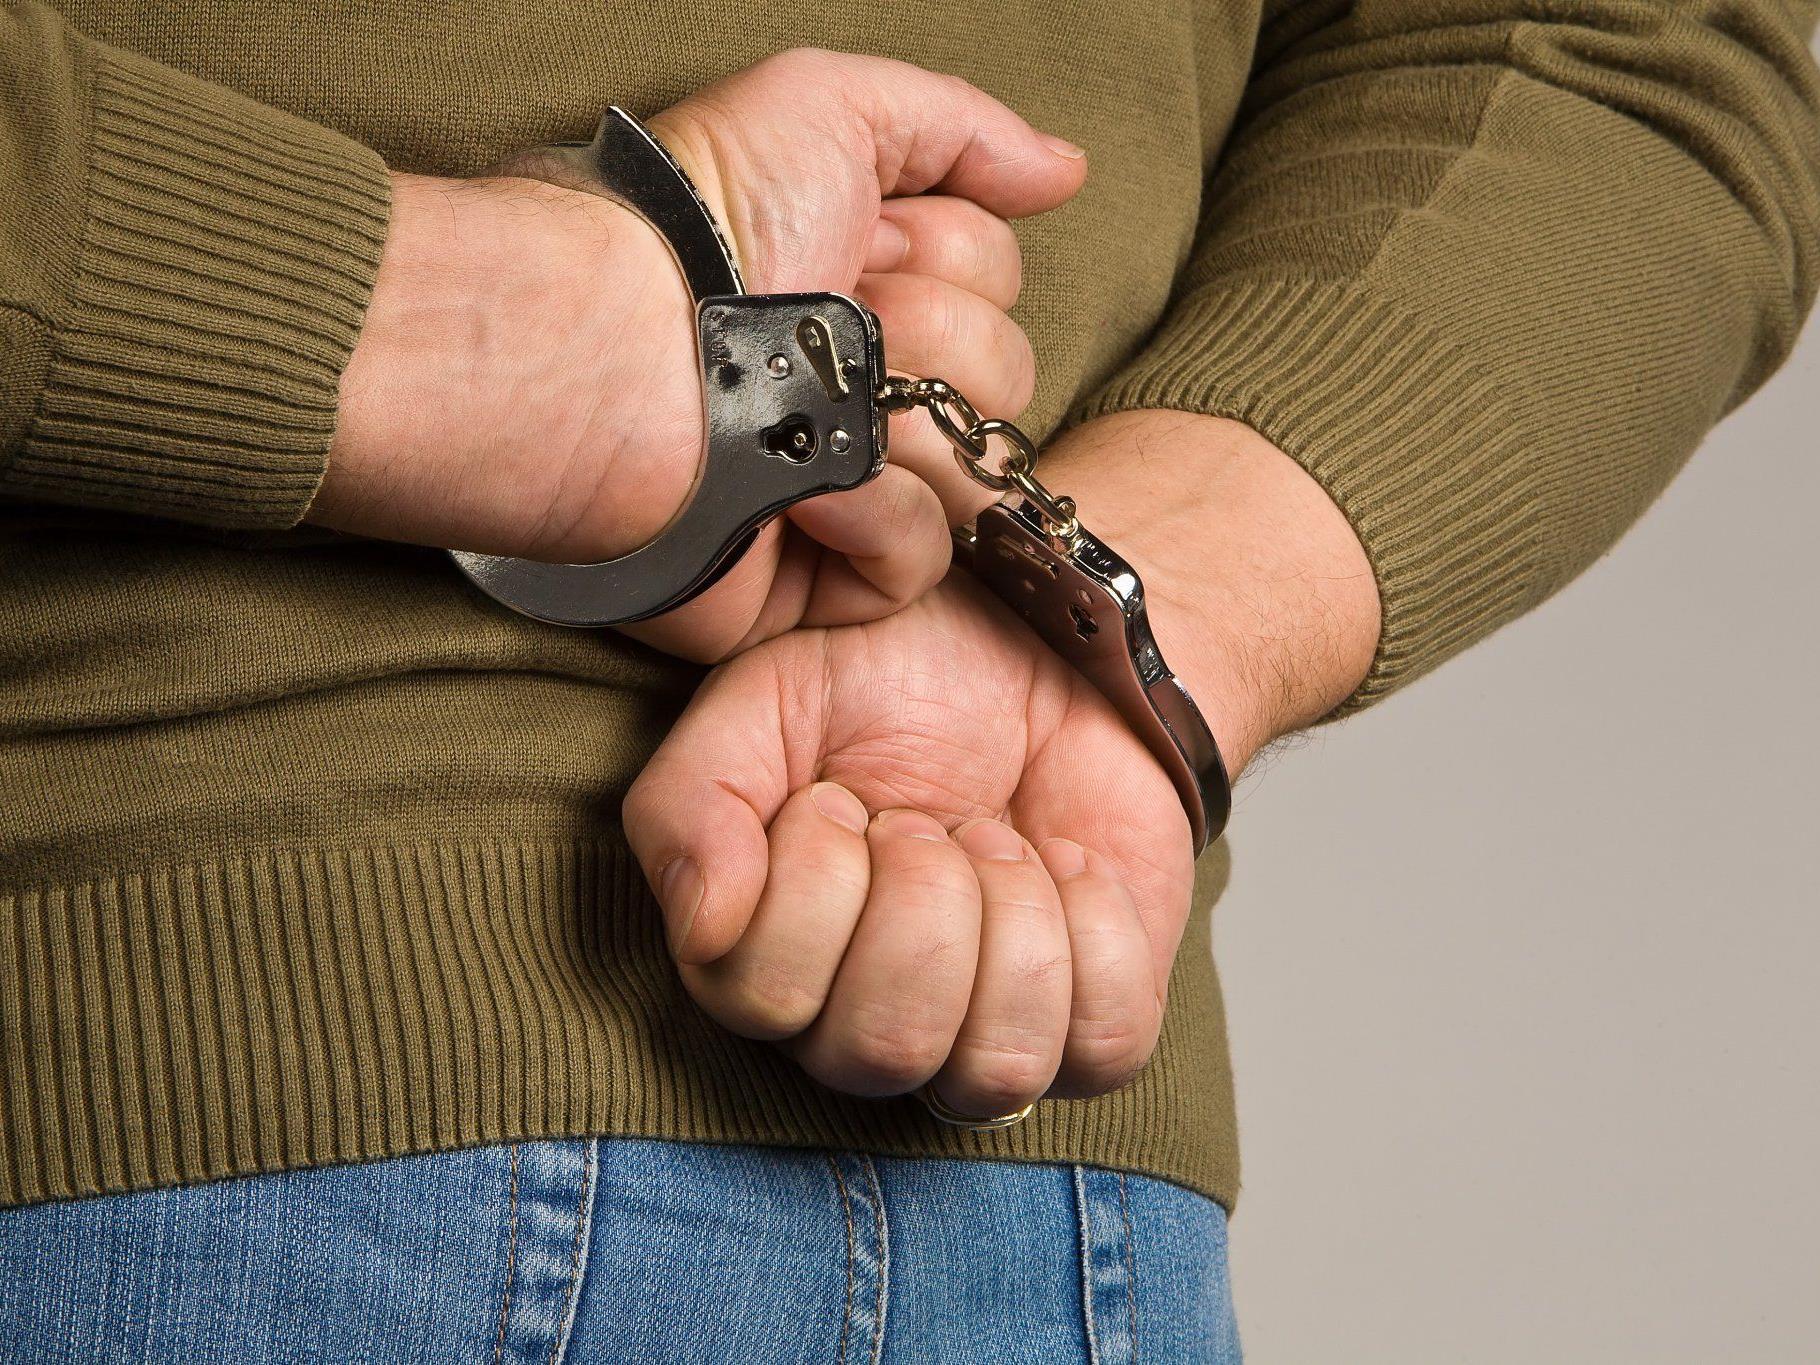 Die Handschellen klickten für zwei betrunkene Kontrahenten